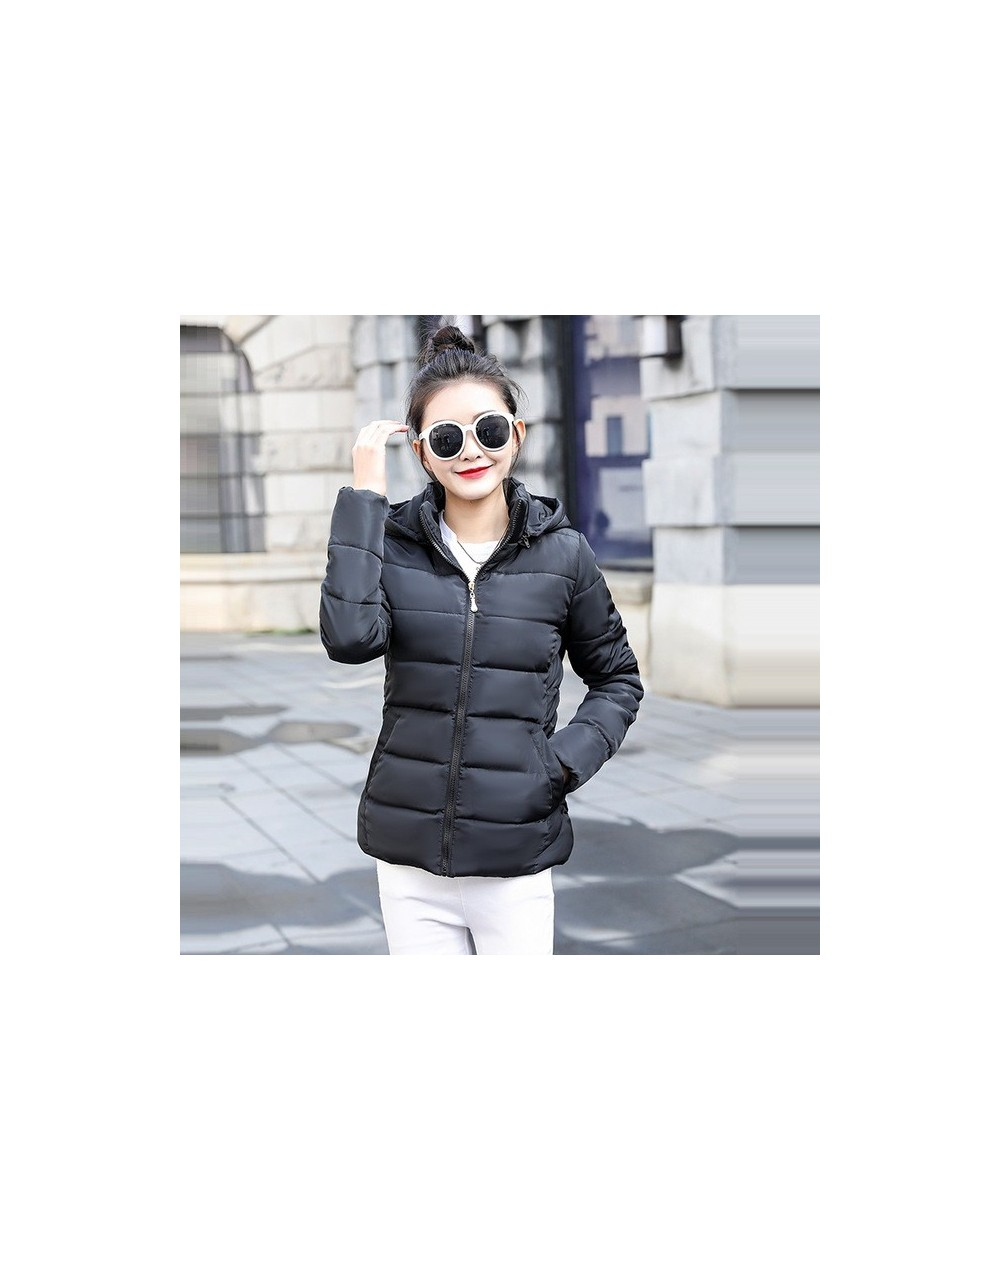 New Coats & Jackets 2019 Fashion Wine Red Parka Hooded Winter Jacket Women Winter Coat Women Zipper Down Jacket Female Coat ...